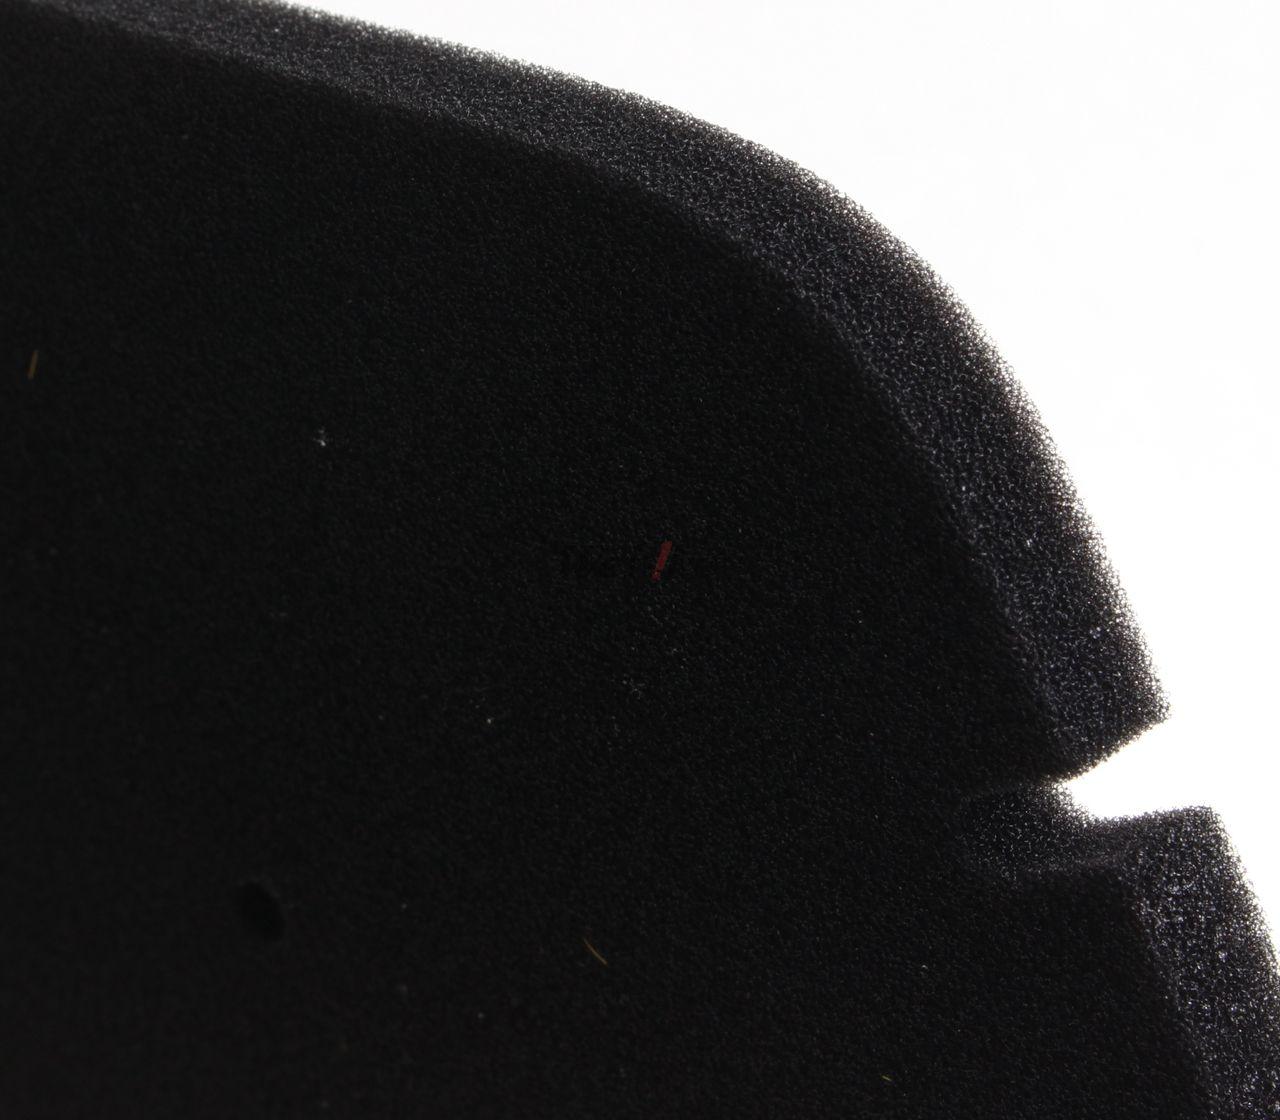 【KITACO】空氣濾芯 - 「Webike-摩托百貨」